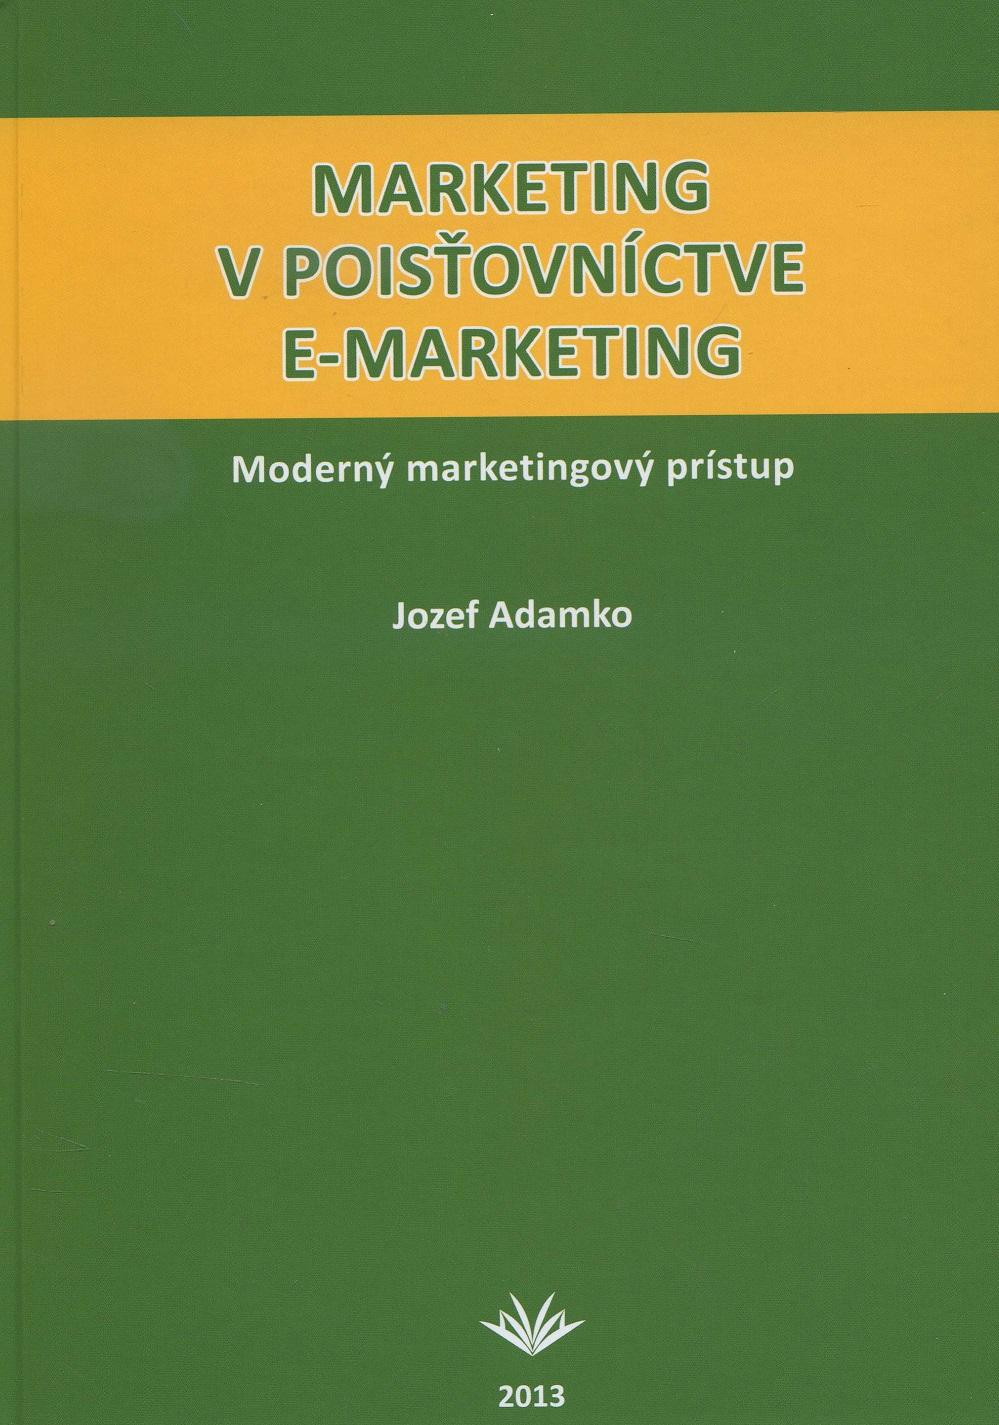 Marketing v poisťovníctve e-marketing - Moderný marketingový prístup